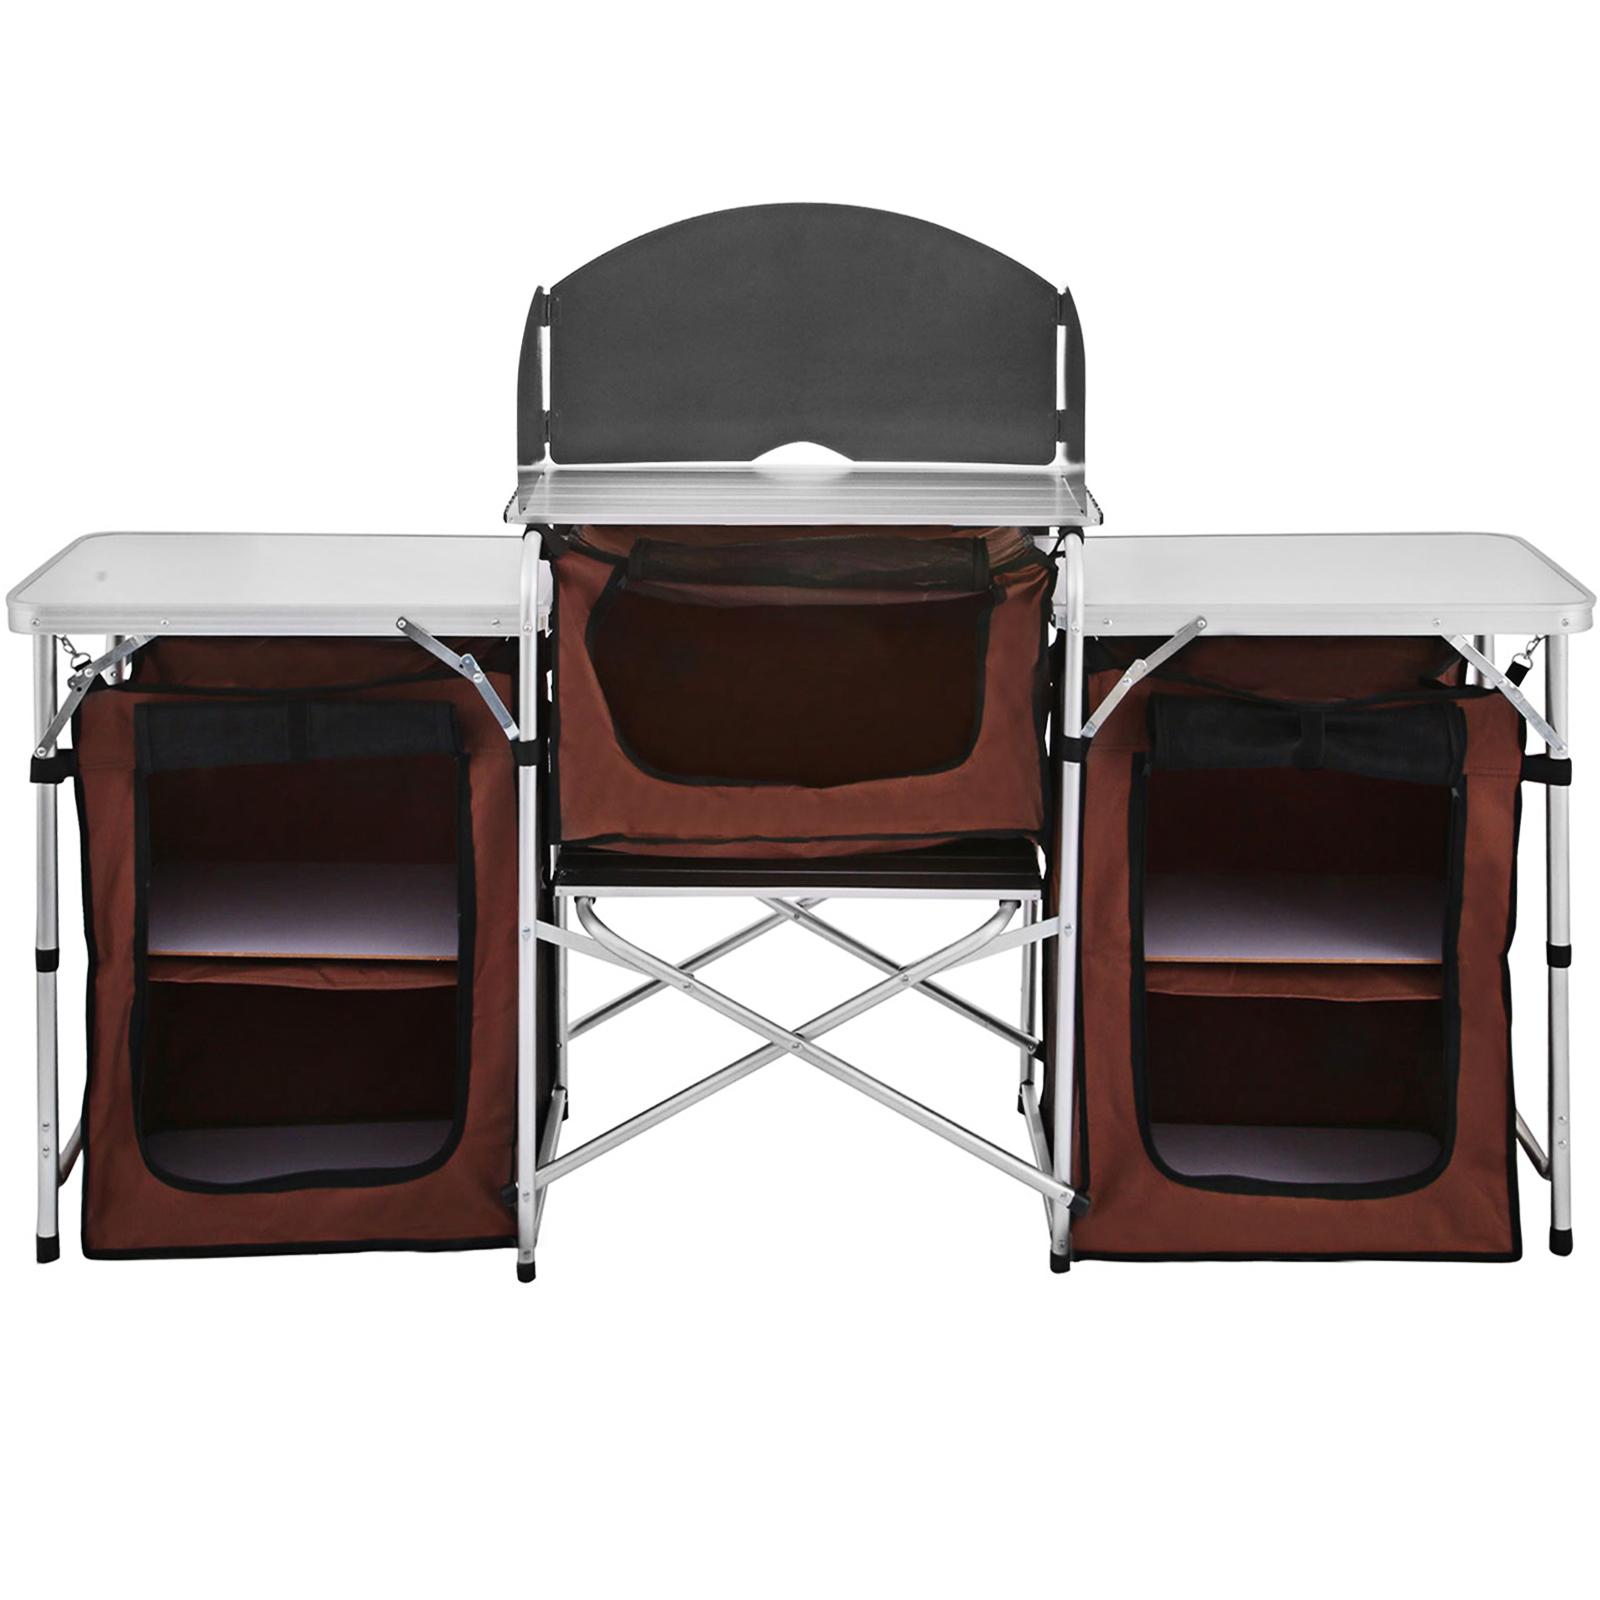 Pliable-Cuisine-de-Camping-Meuble-de-Rangement-Portable-Exterieur-Cuisine